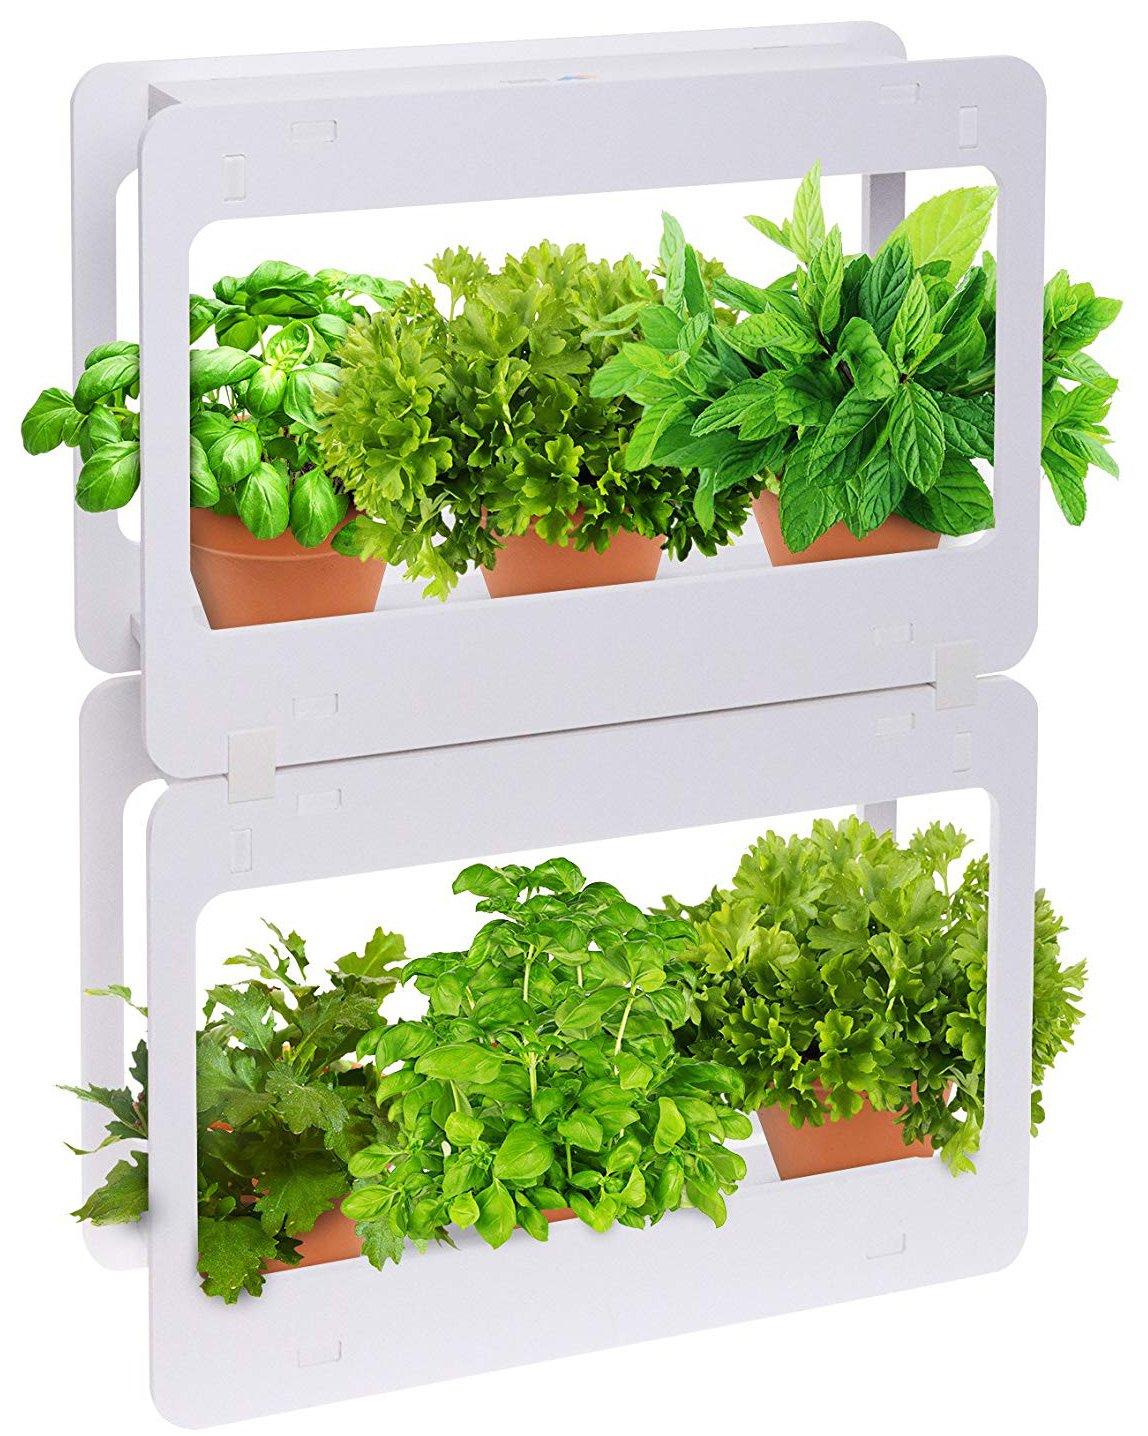 Amazon.com : Mindful Design Stackable LED Indoor Garden - Grow Herbs ...